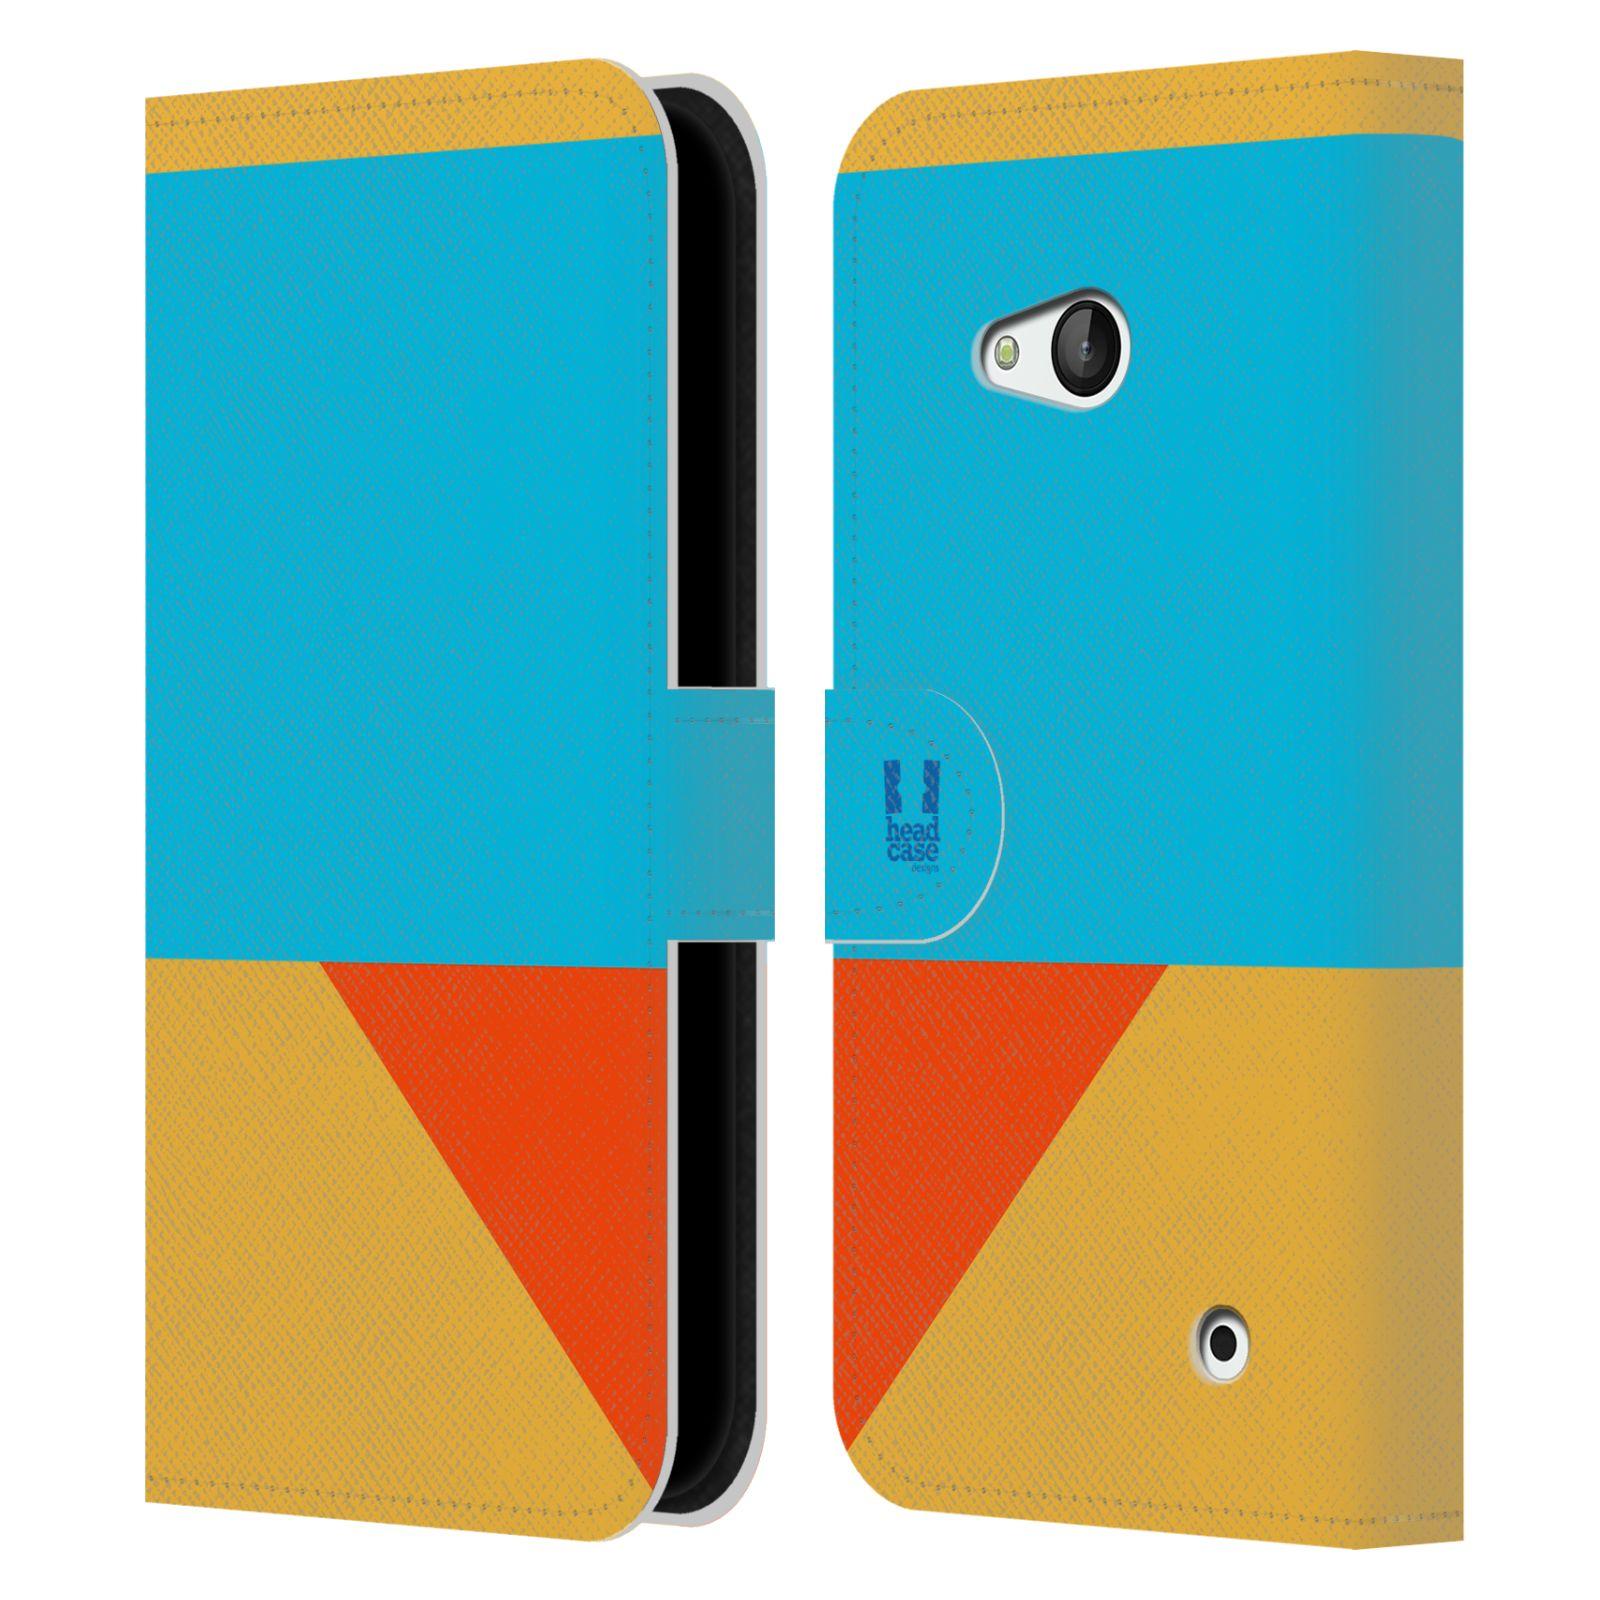 HEAD CASE Flipové pouzdro pro mobil Nokia LUMIA 640 barevné tvary béžová a modrá DAY WEAR